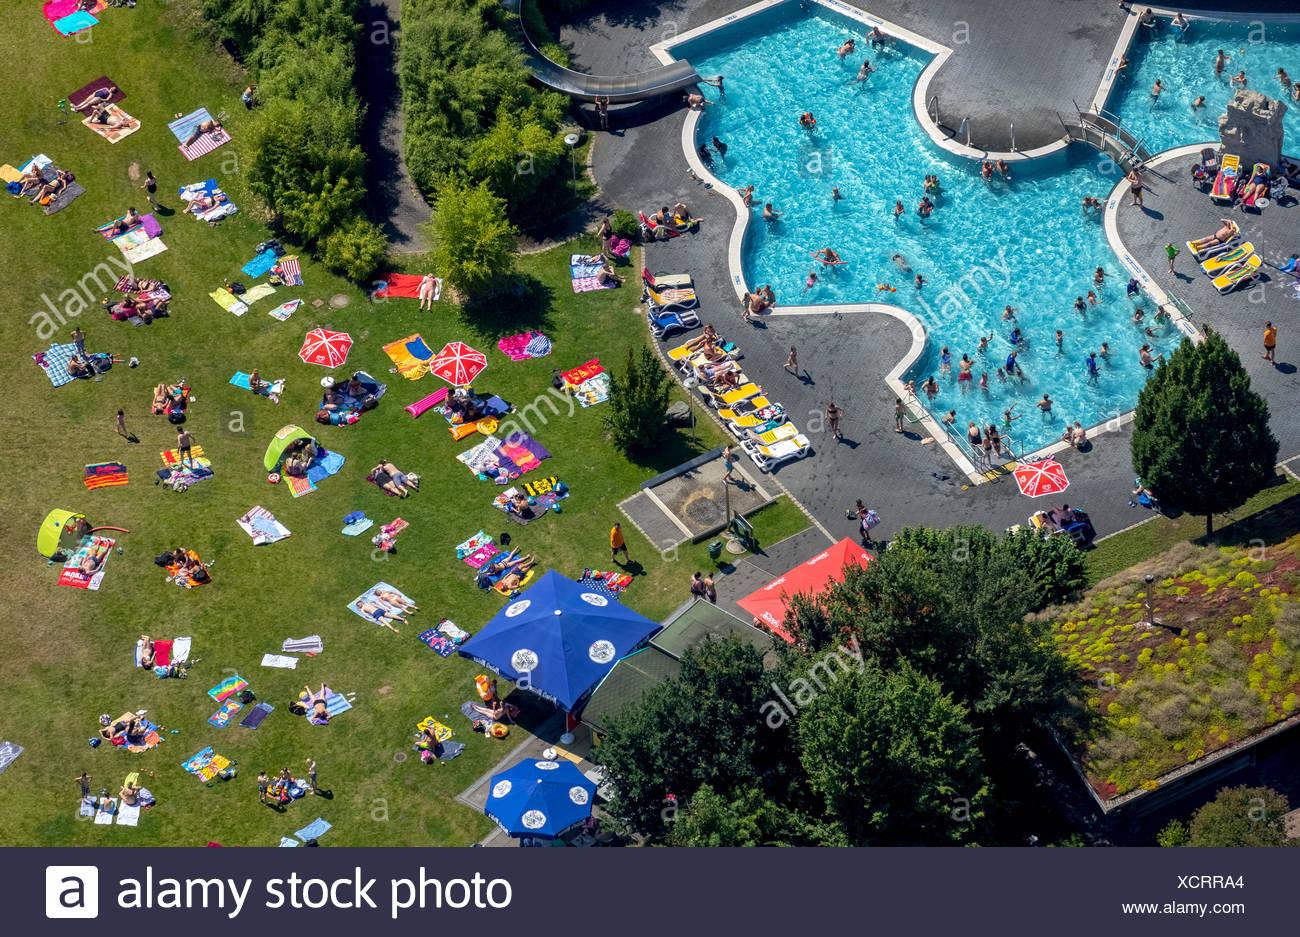 Vista aerea, bagnanti presso Atlantis piscina esterna e prato per prendere il sole, Dorsten, distretto della Ruhr, Nord Reno-Westfalia, Germania Immagini Stock